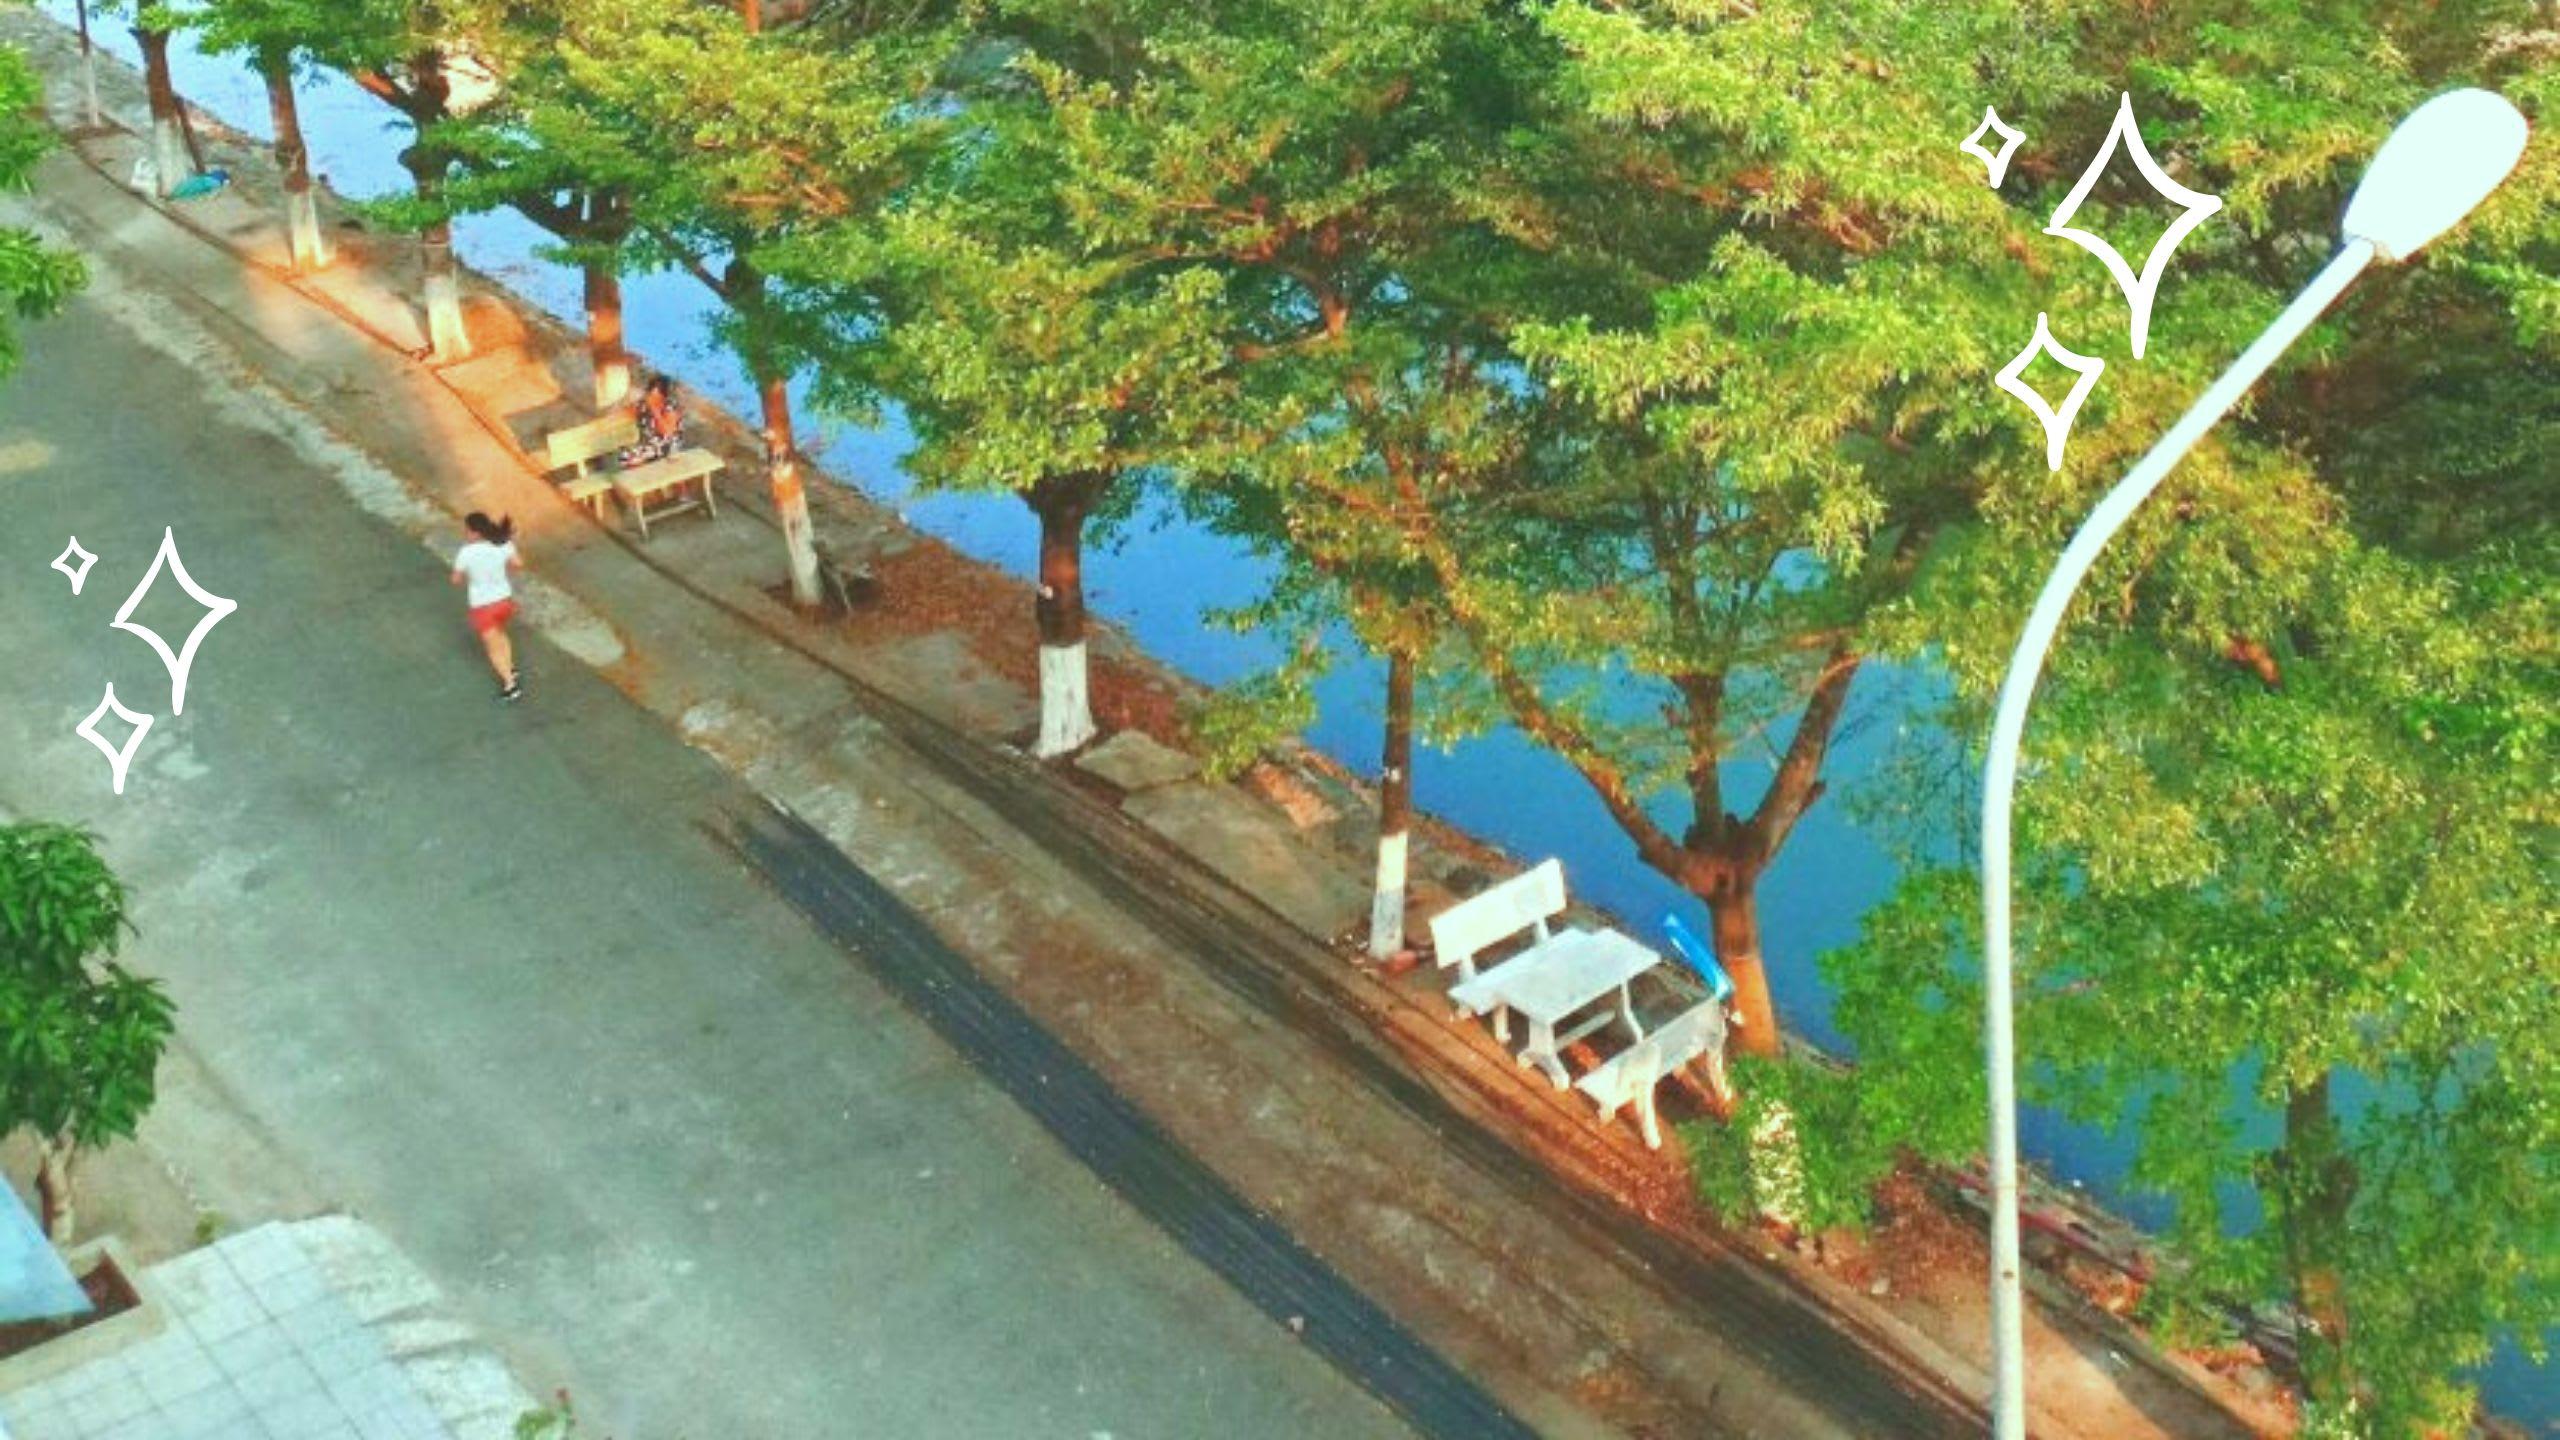 Nhà Phố Quận 7 Cao Cấp Phạm Hữu Lầu – View Sông Thơ Mộng Vạn Người Mê!